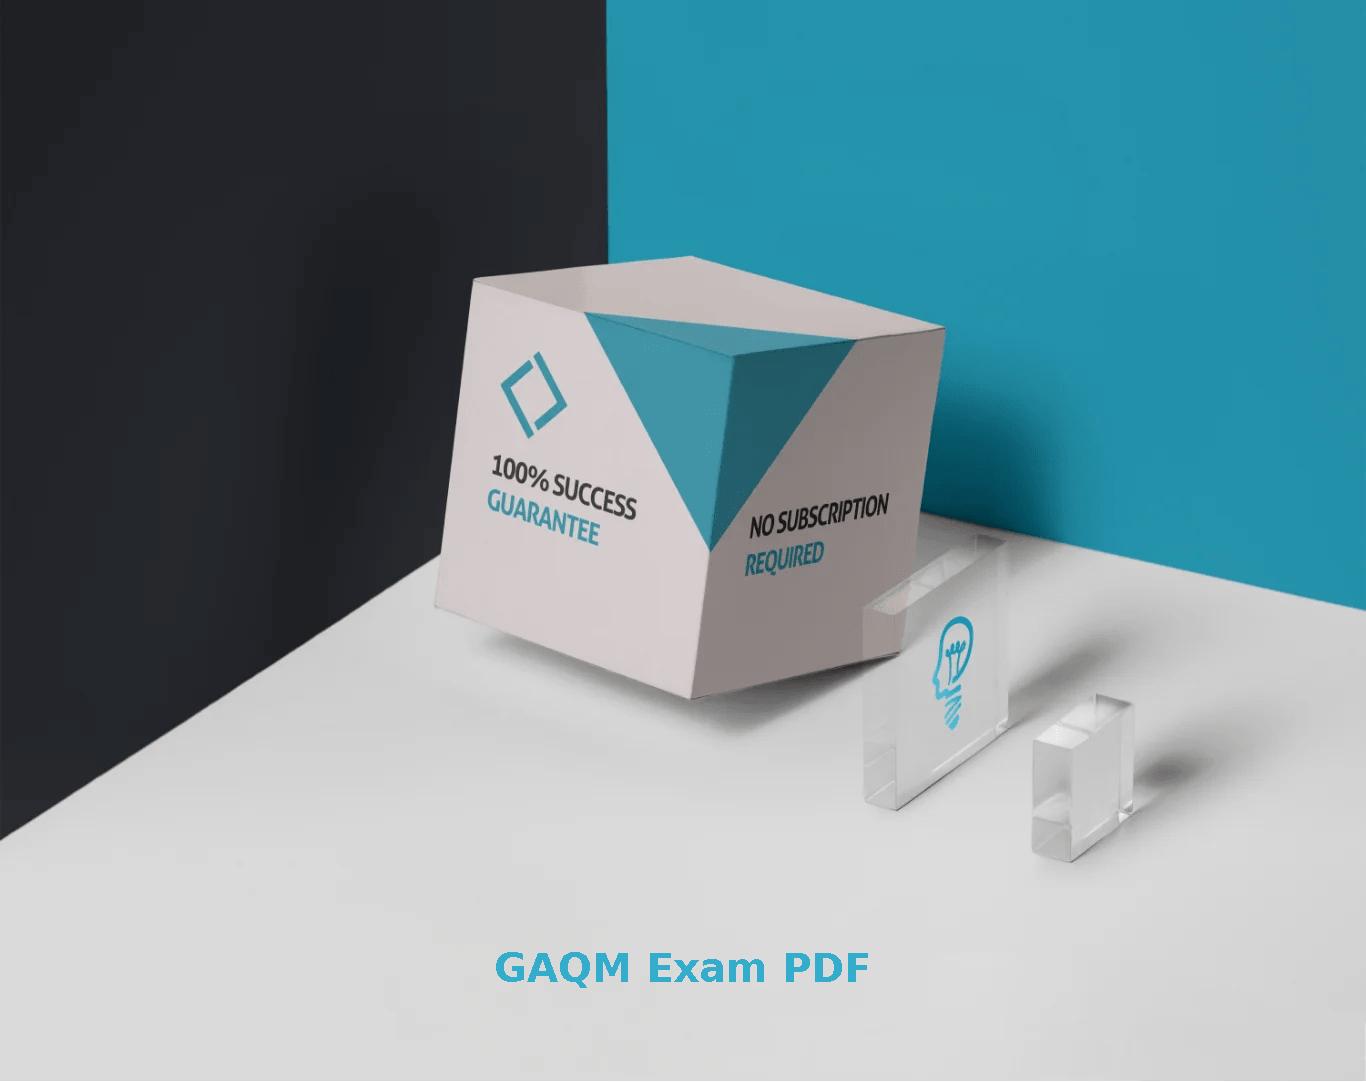 GAQM Exam PDF